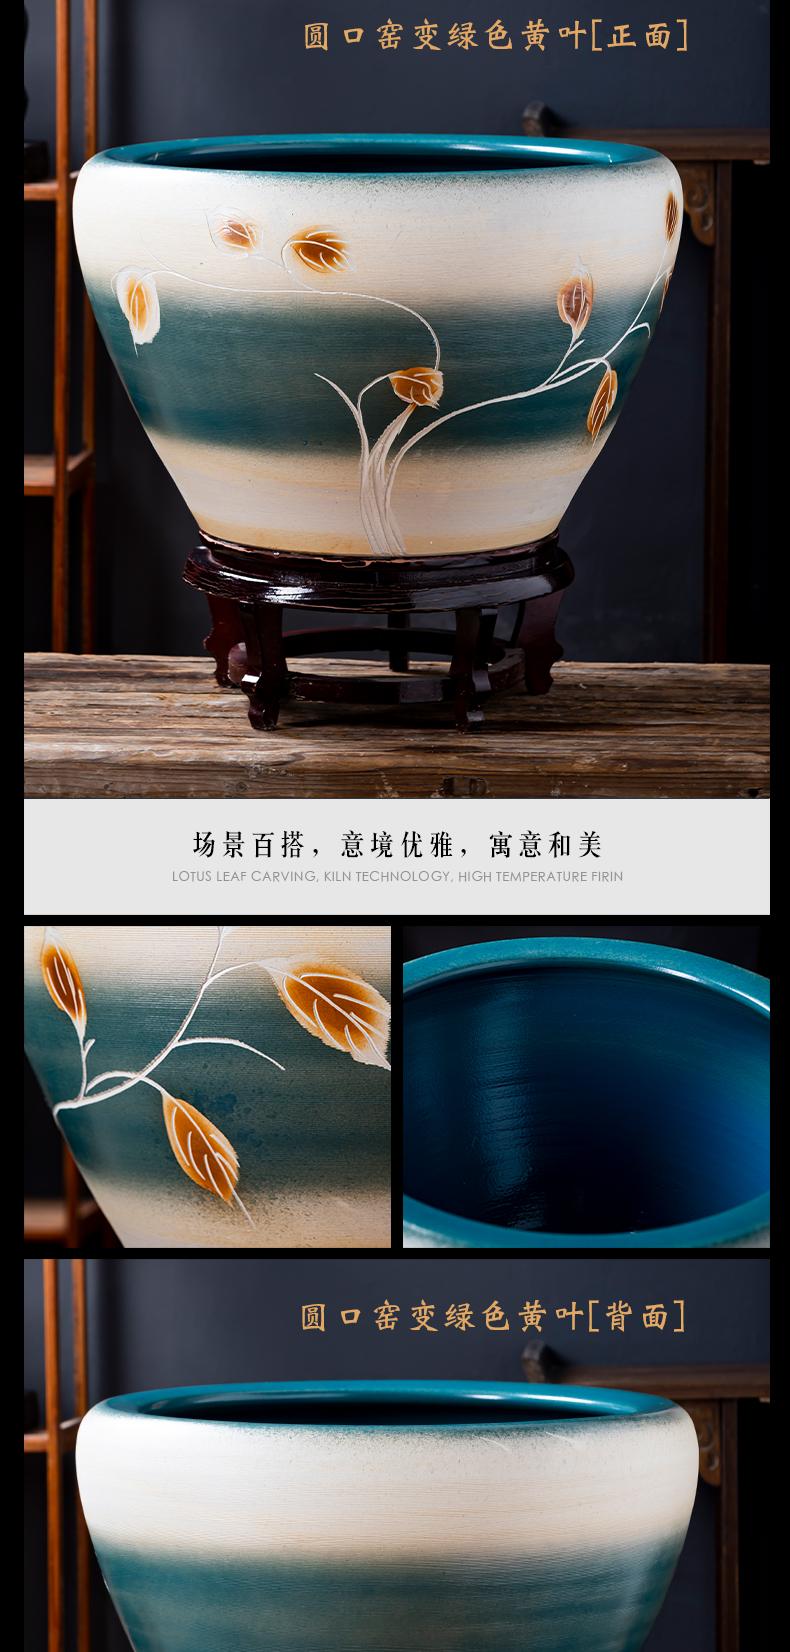 景德镇陶瓷复古鱼缸仿古养金鱼缸乌龟缸睡莲盆荷花缸大水缸特大号